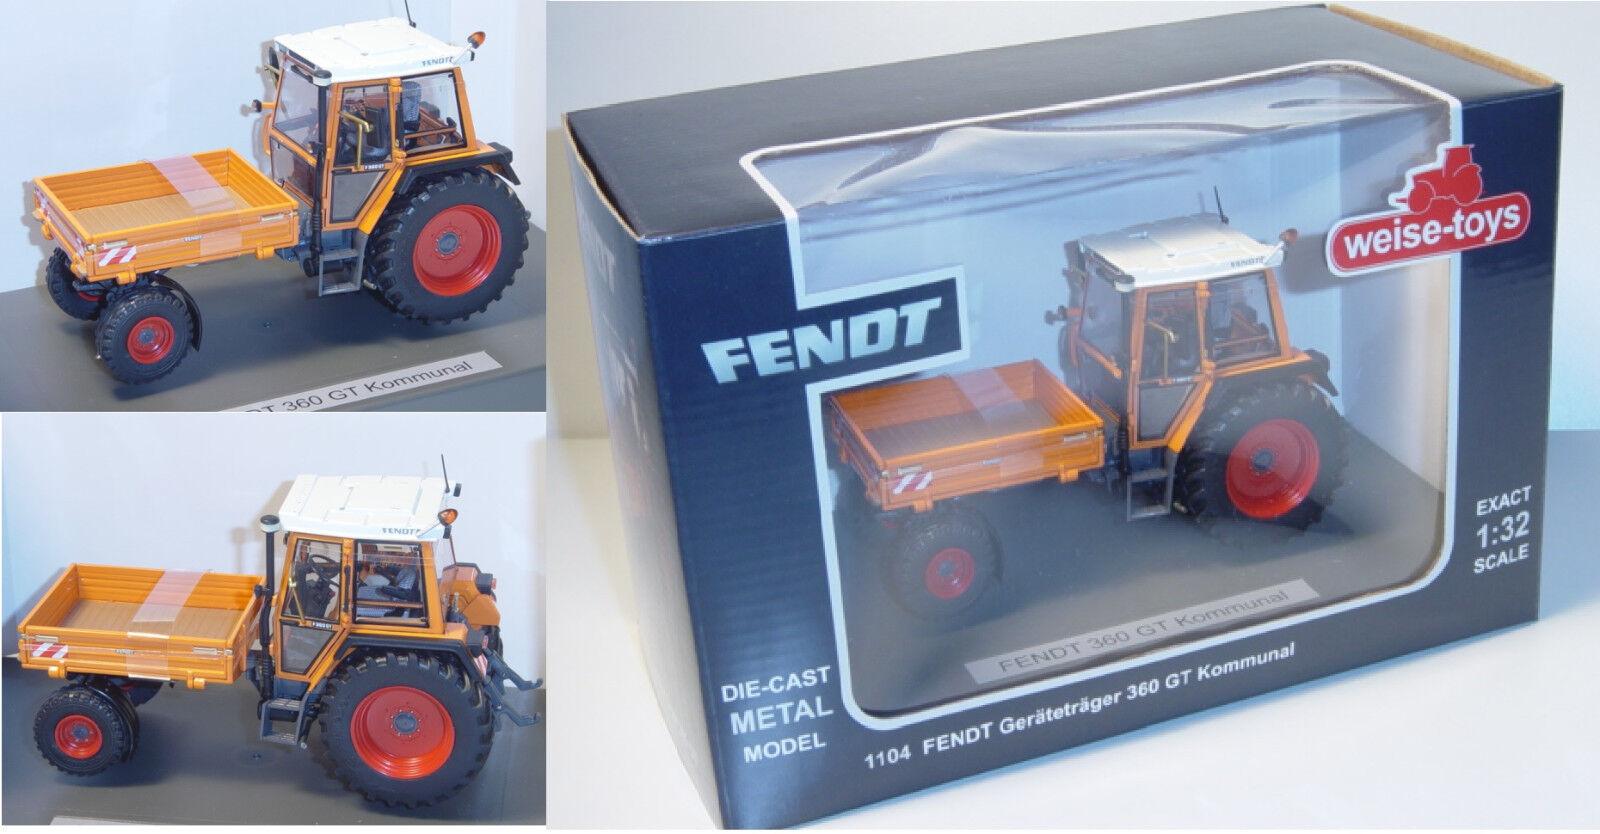 Manière-TOYS 1104 Fendt périphériques disque 360 GT communales, 1 32